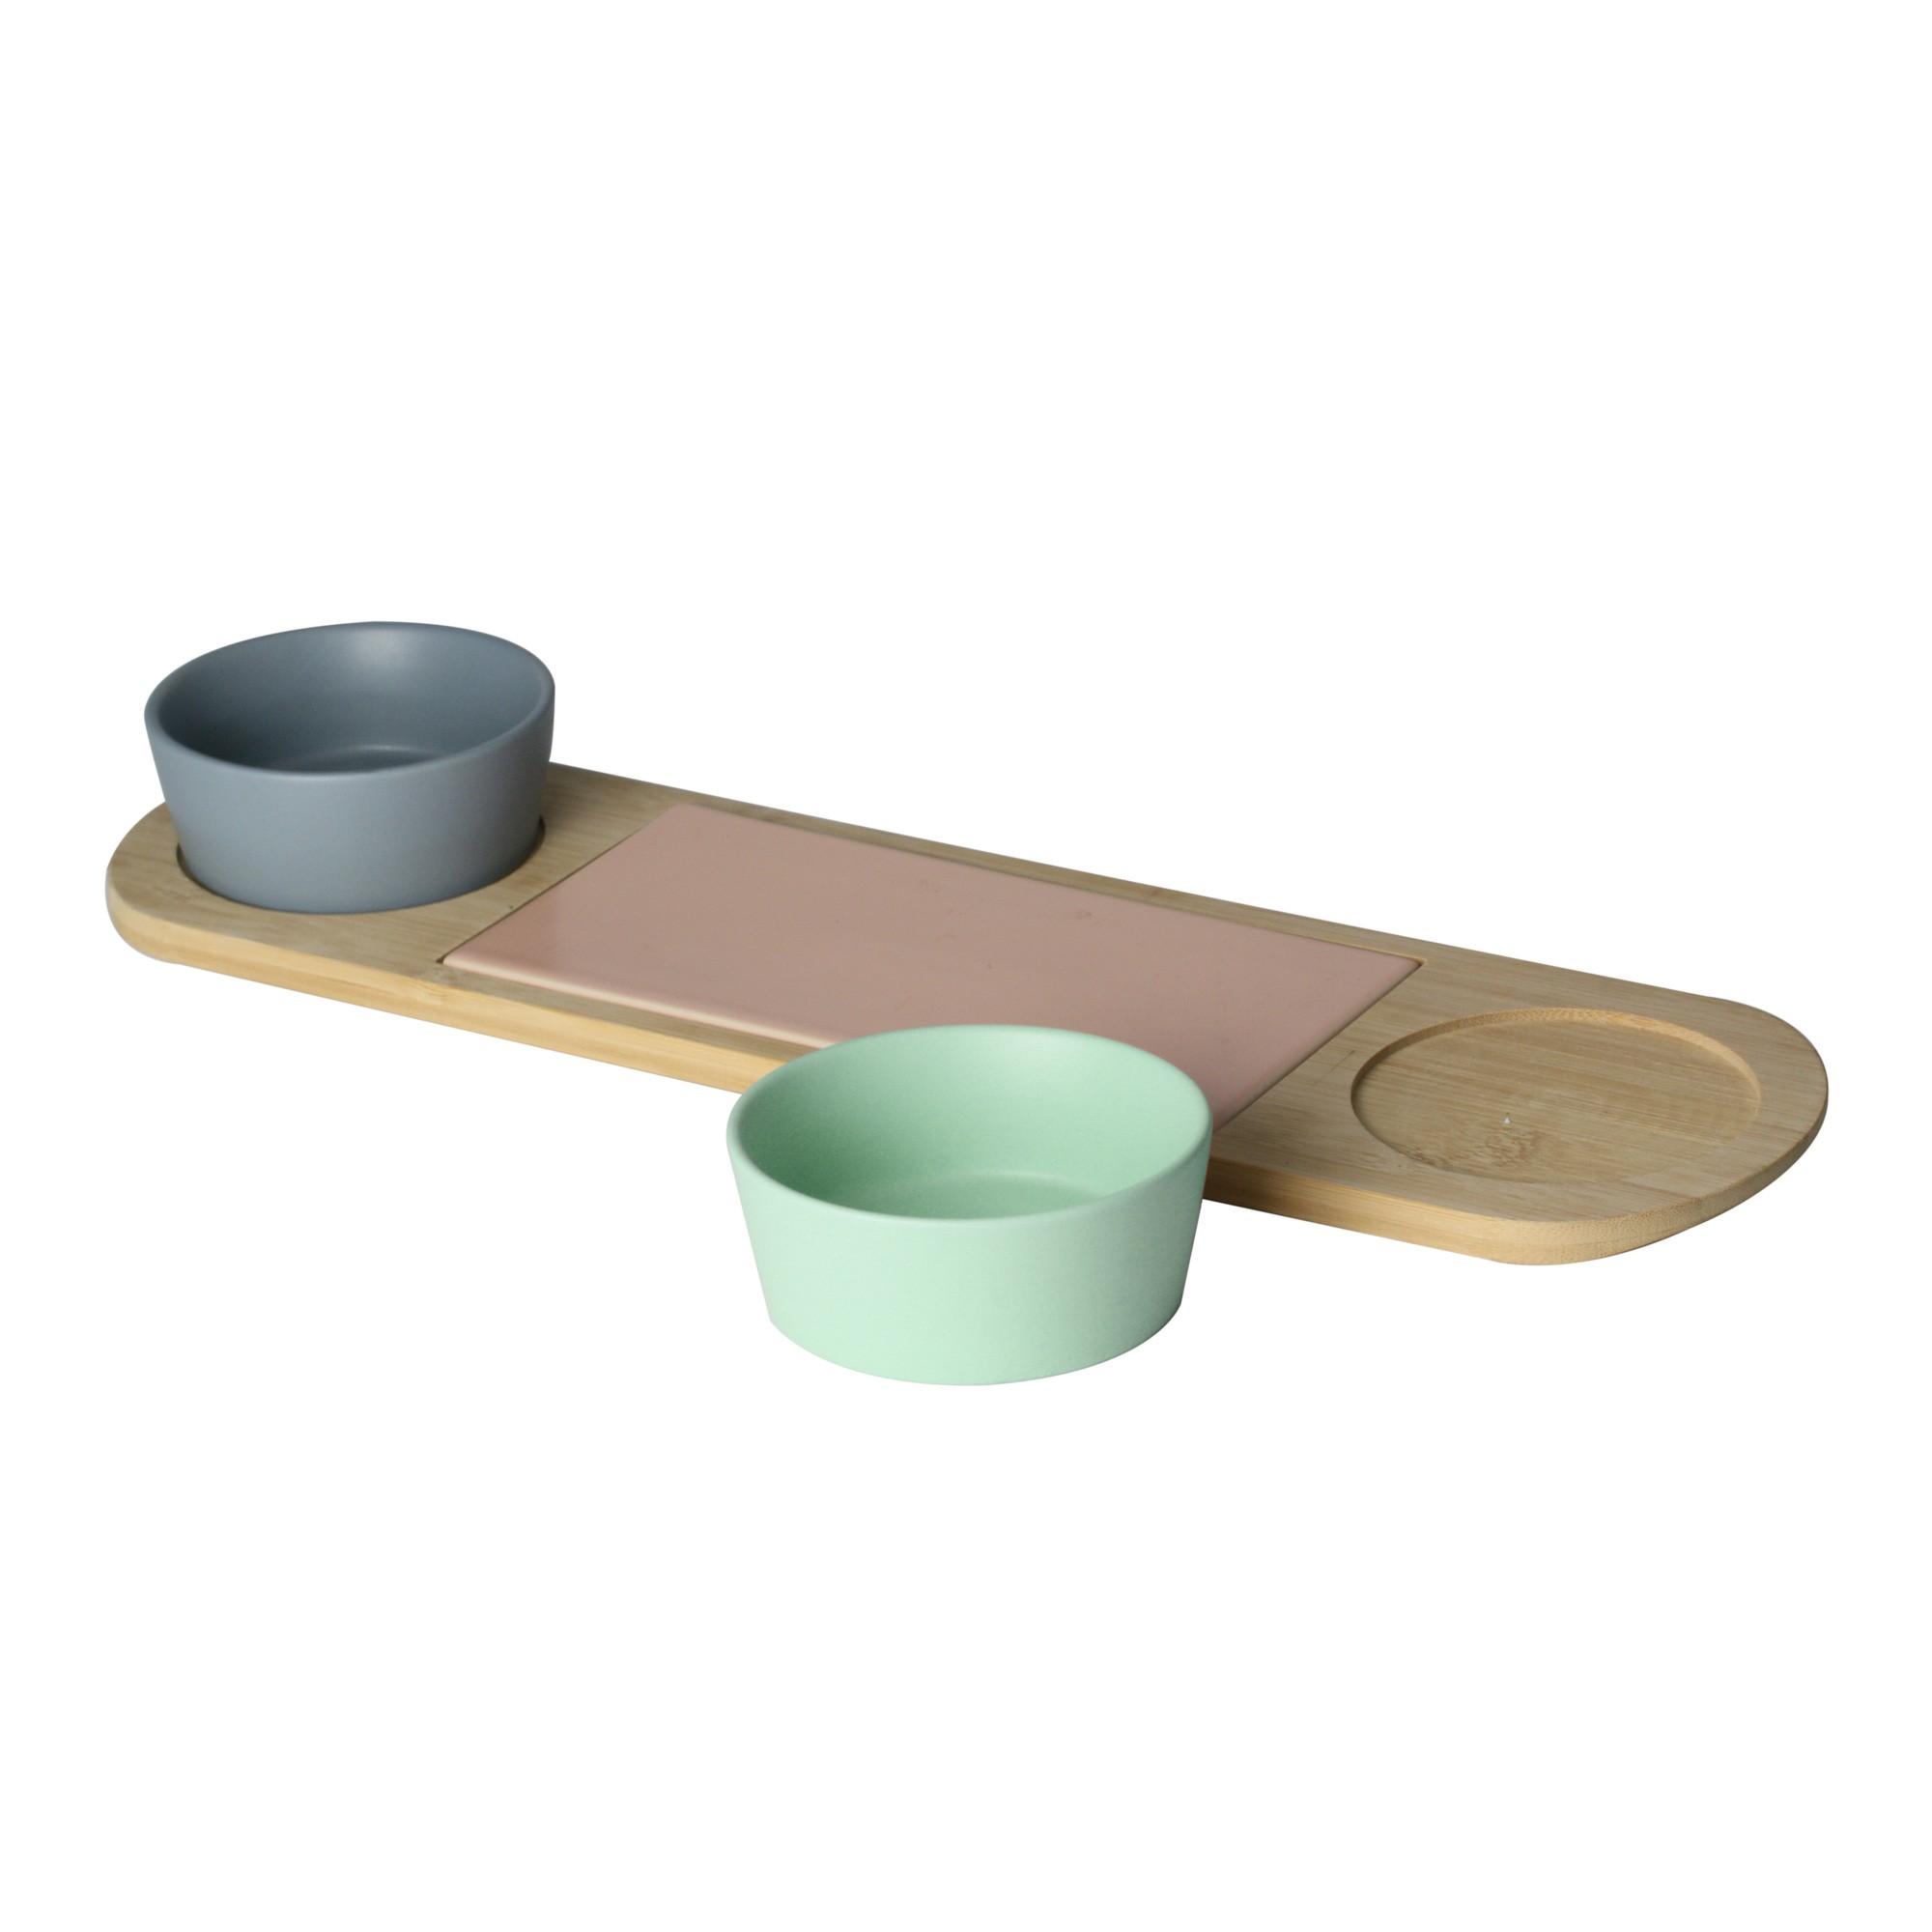 Petisqueira em Bambu e Cerâmica